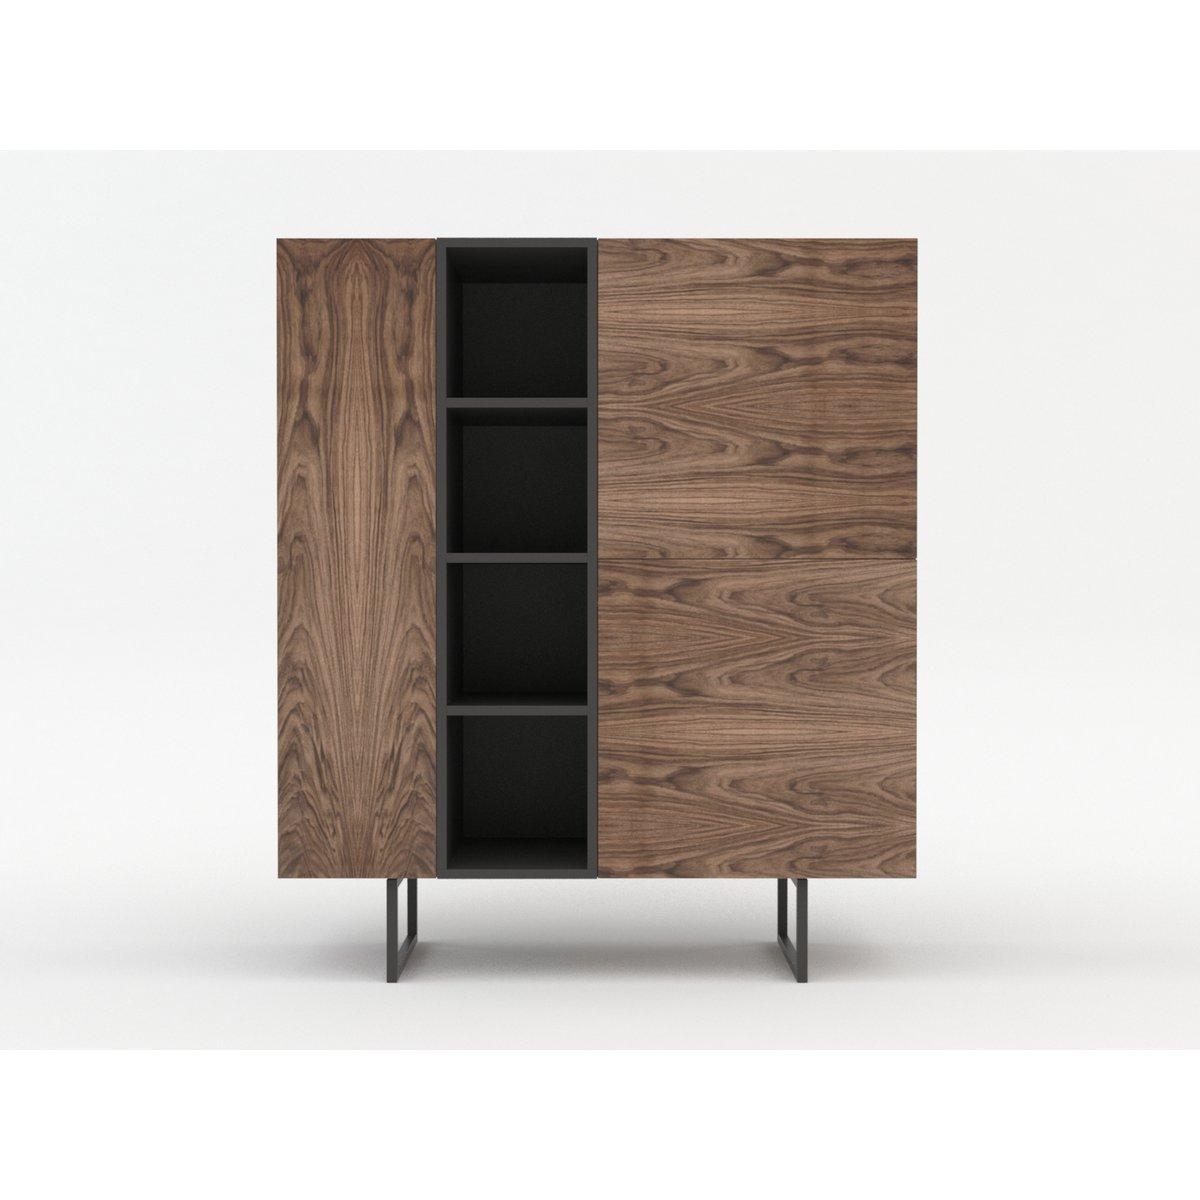 Kommode Sideboard Highboard Anrichte Wohnzimmer Schrank Holz Abato 12 728 90